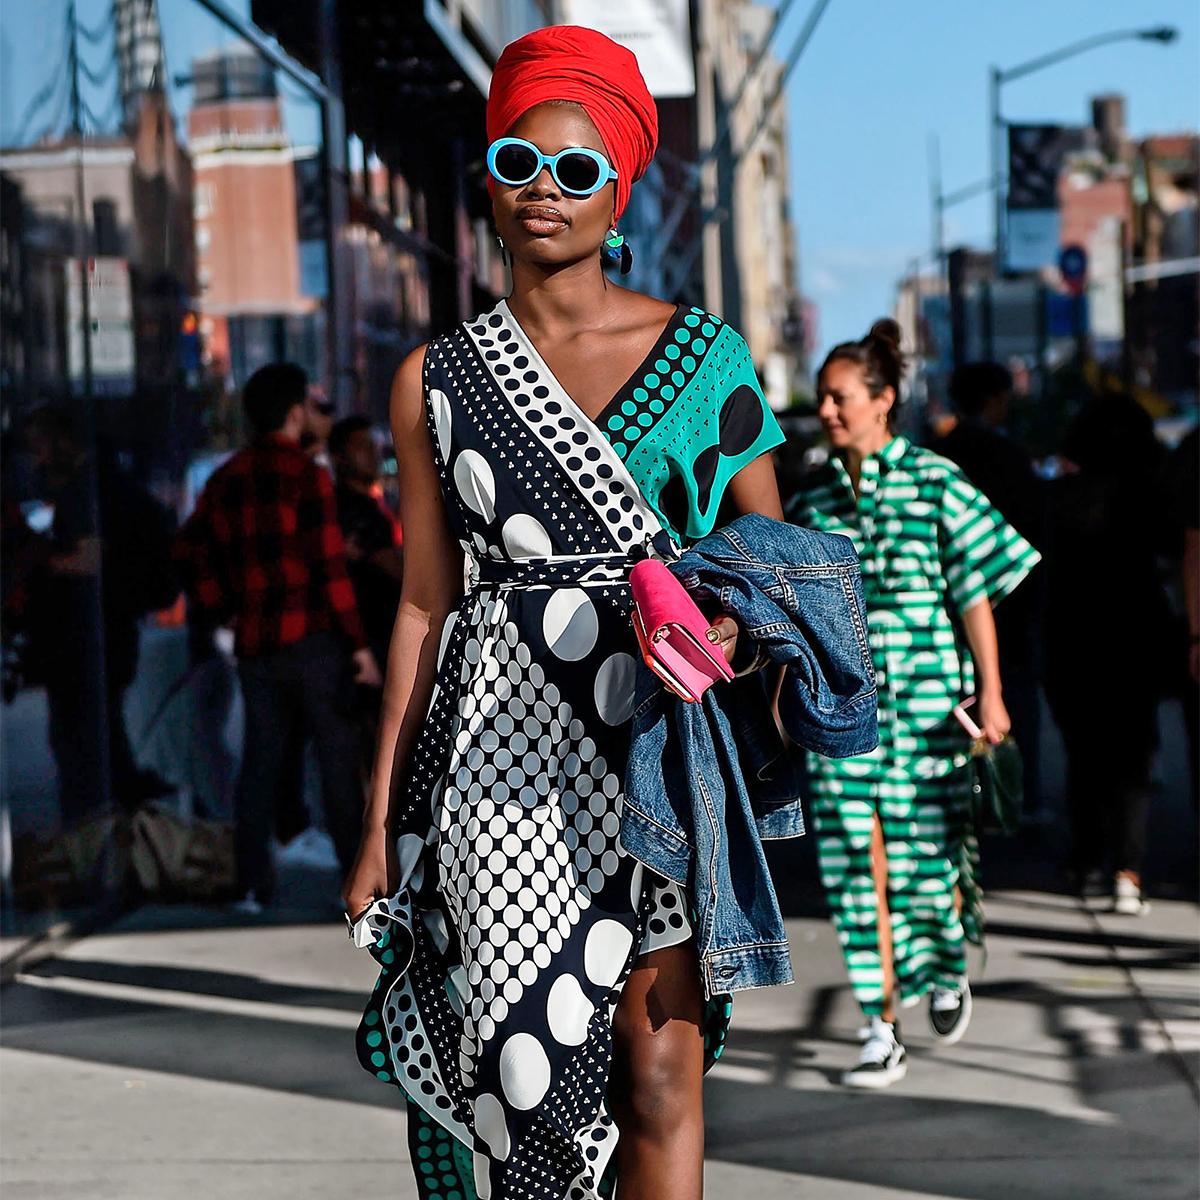 woman wearing asymmetrical patterned dress